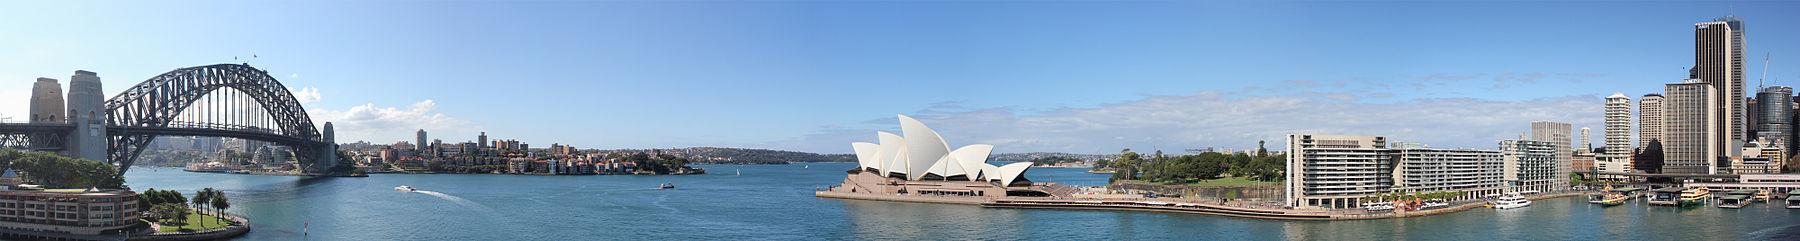 Панорама залива Порт-Джэксон и Сиднея с круизного лайнера